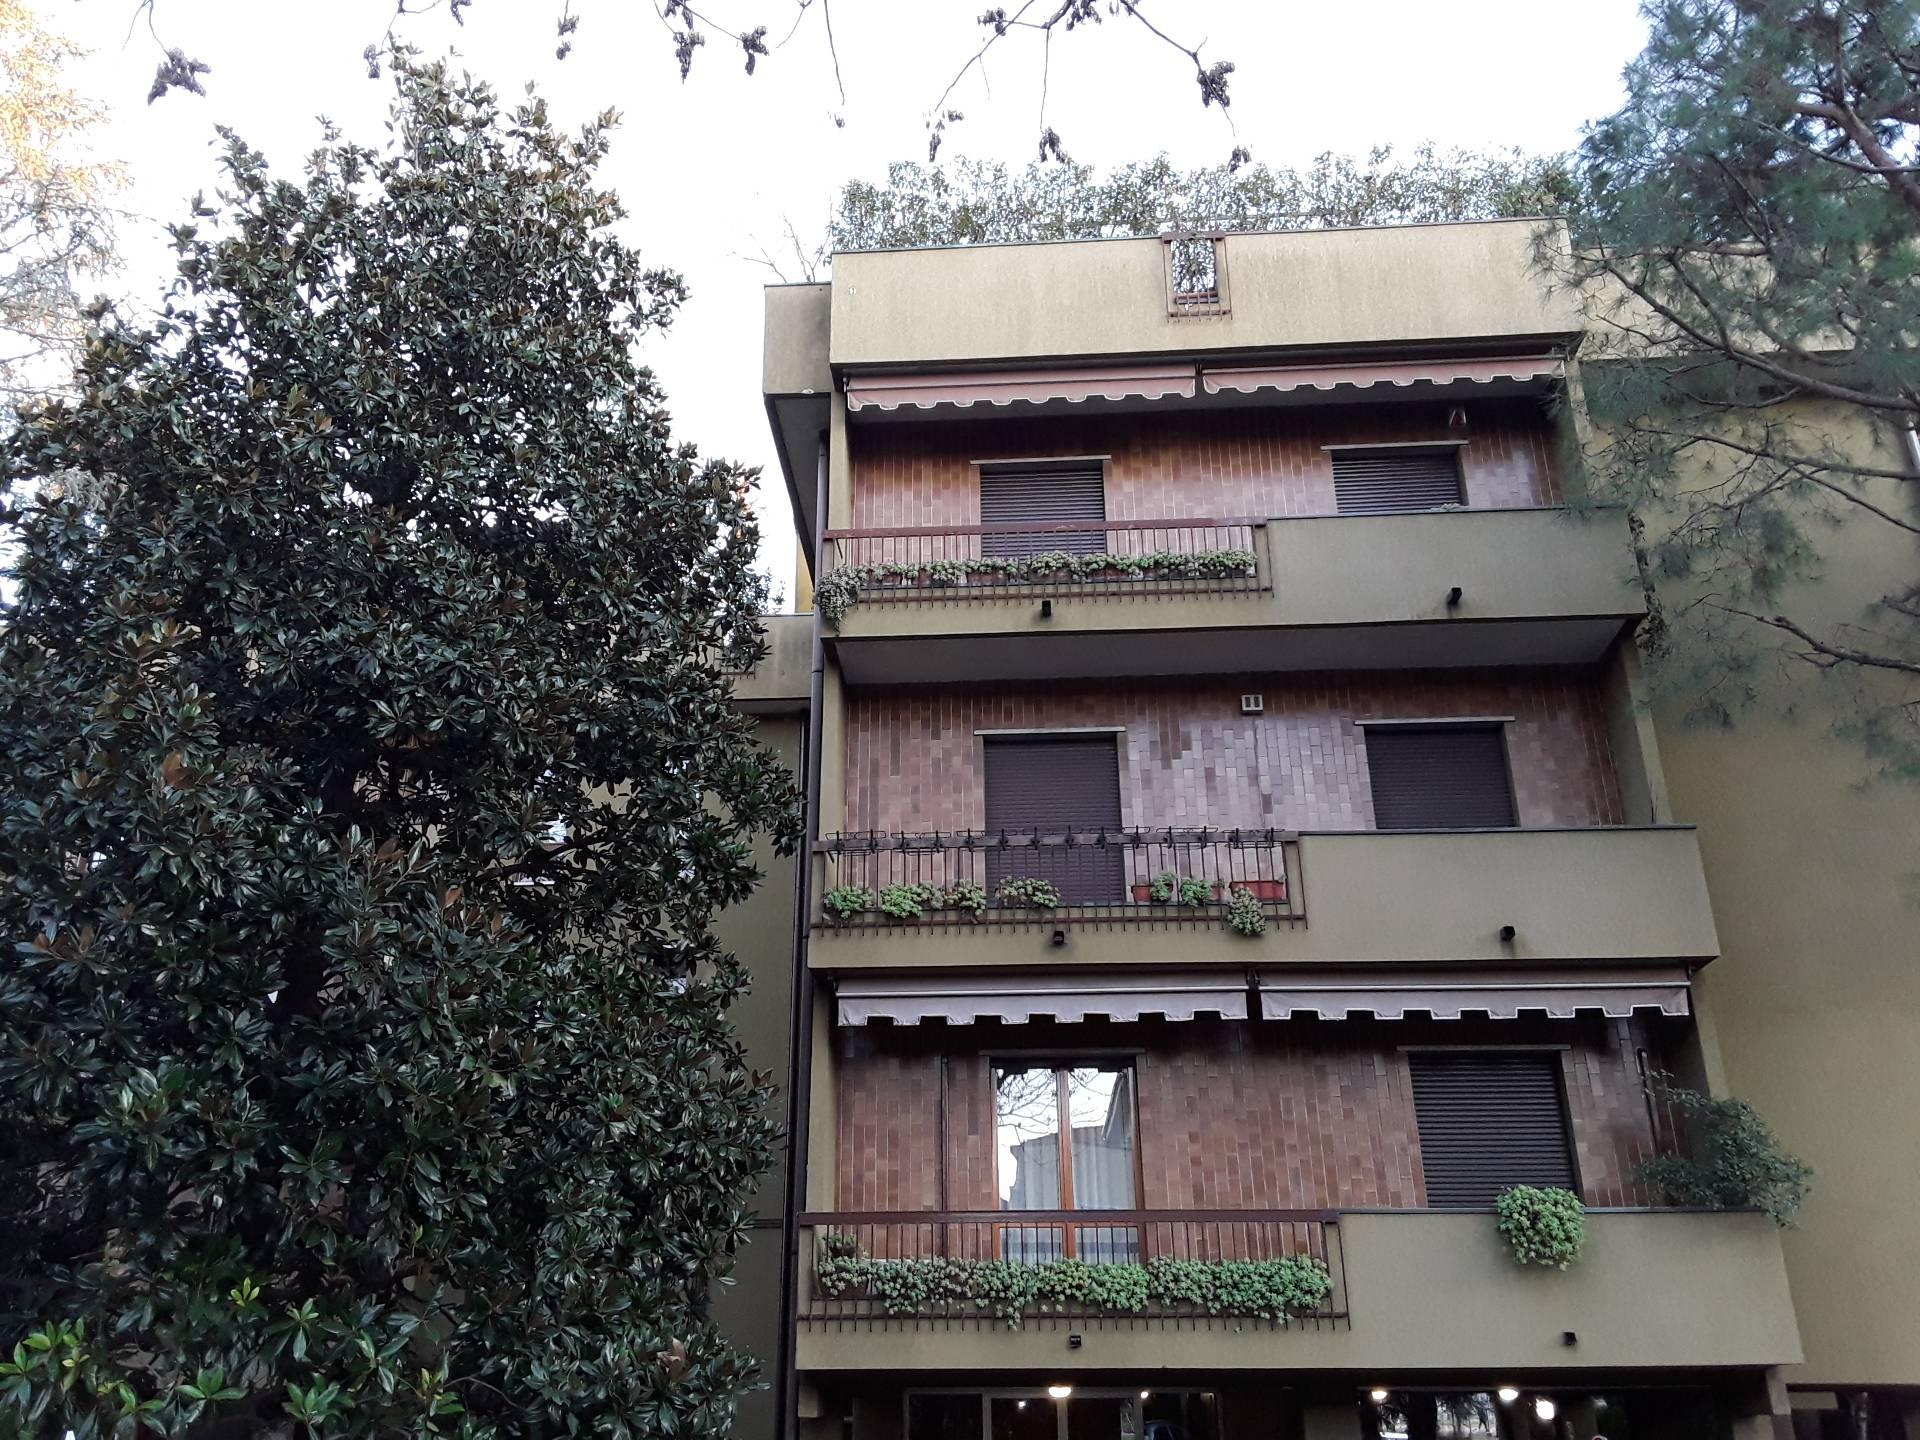 Appartamento in vendita a Legnano, 4 locali, zona Zona: Toselli, prezzo € 320.000 | CambioCasa.it